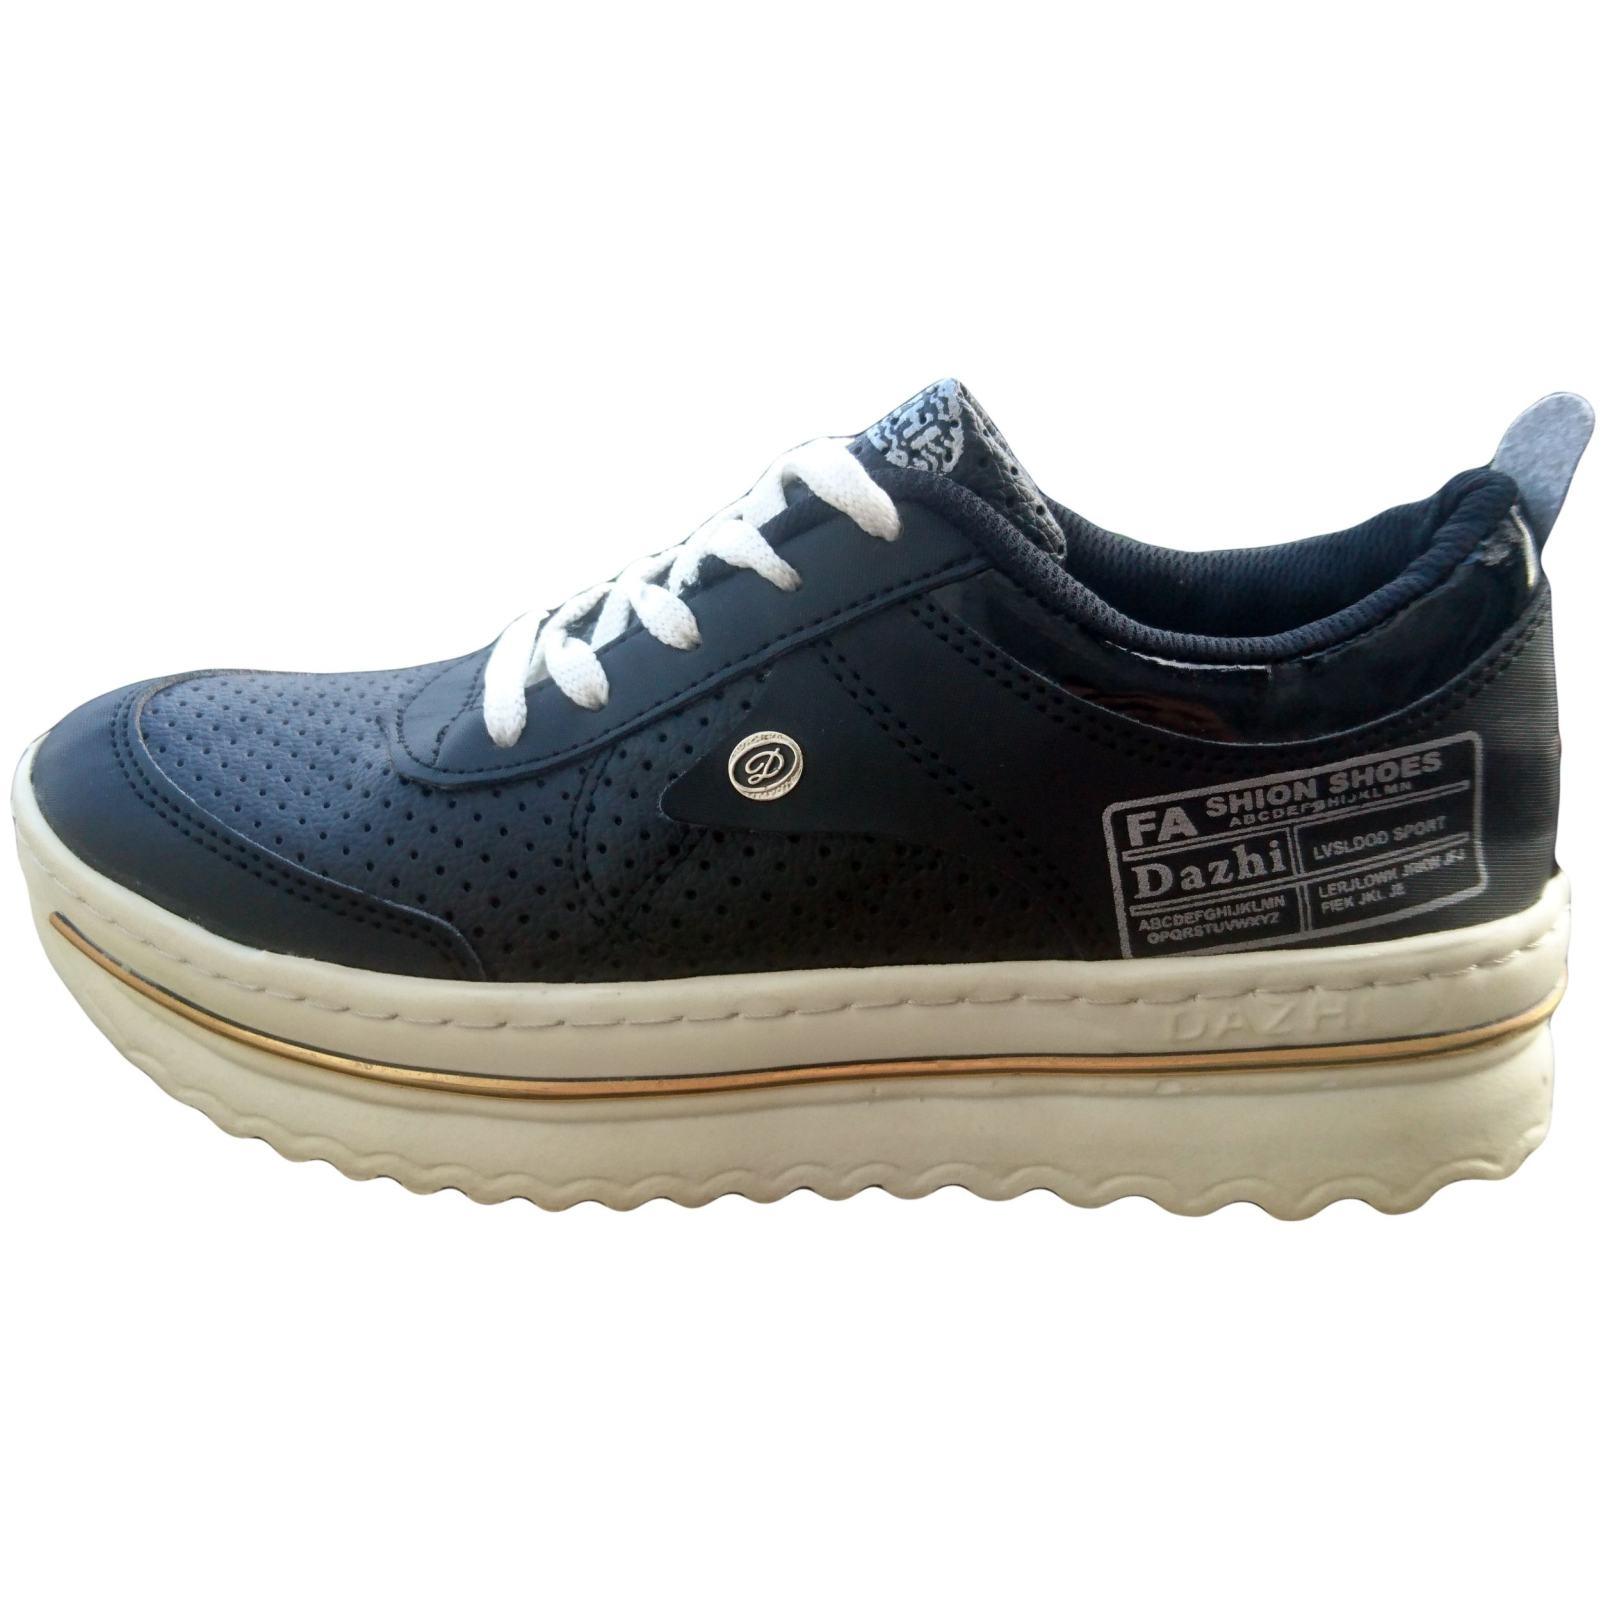 کفش راحتی زنانه Dazhi کد 02